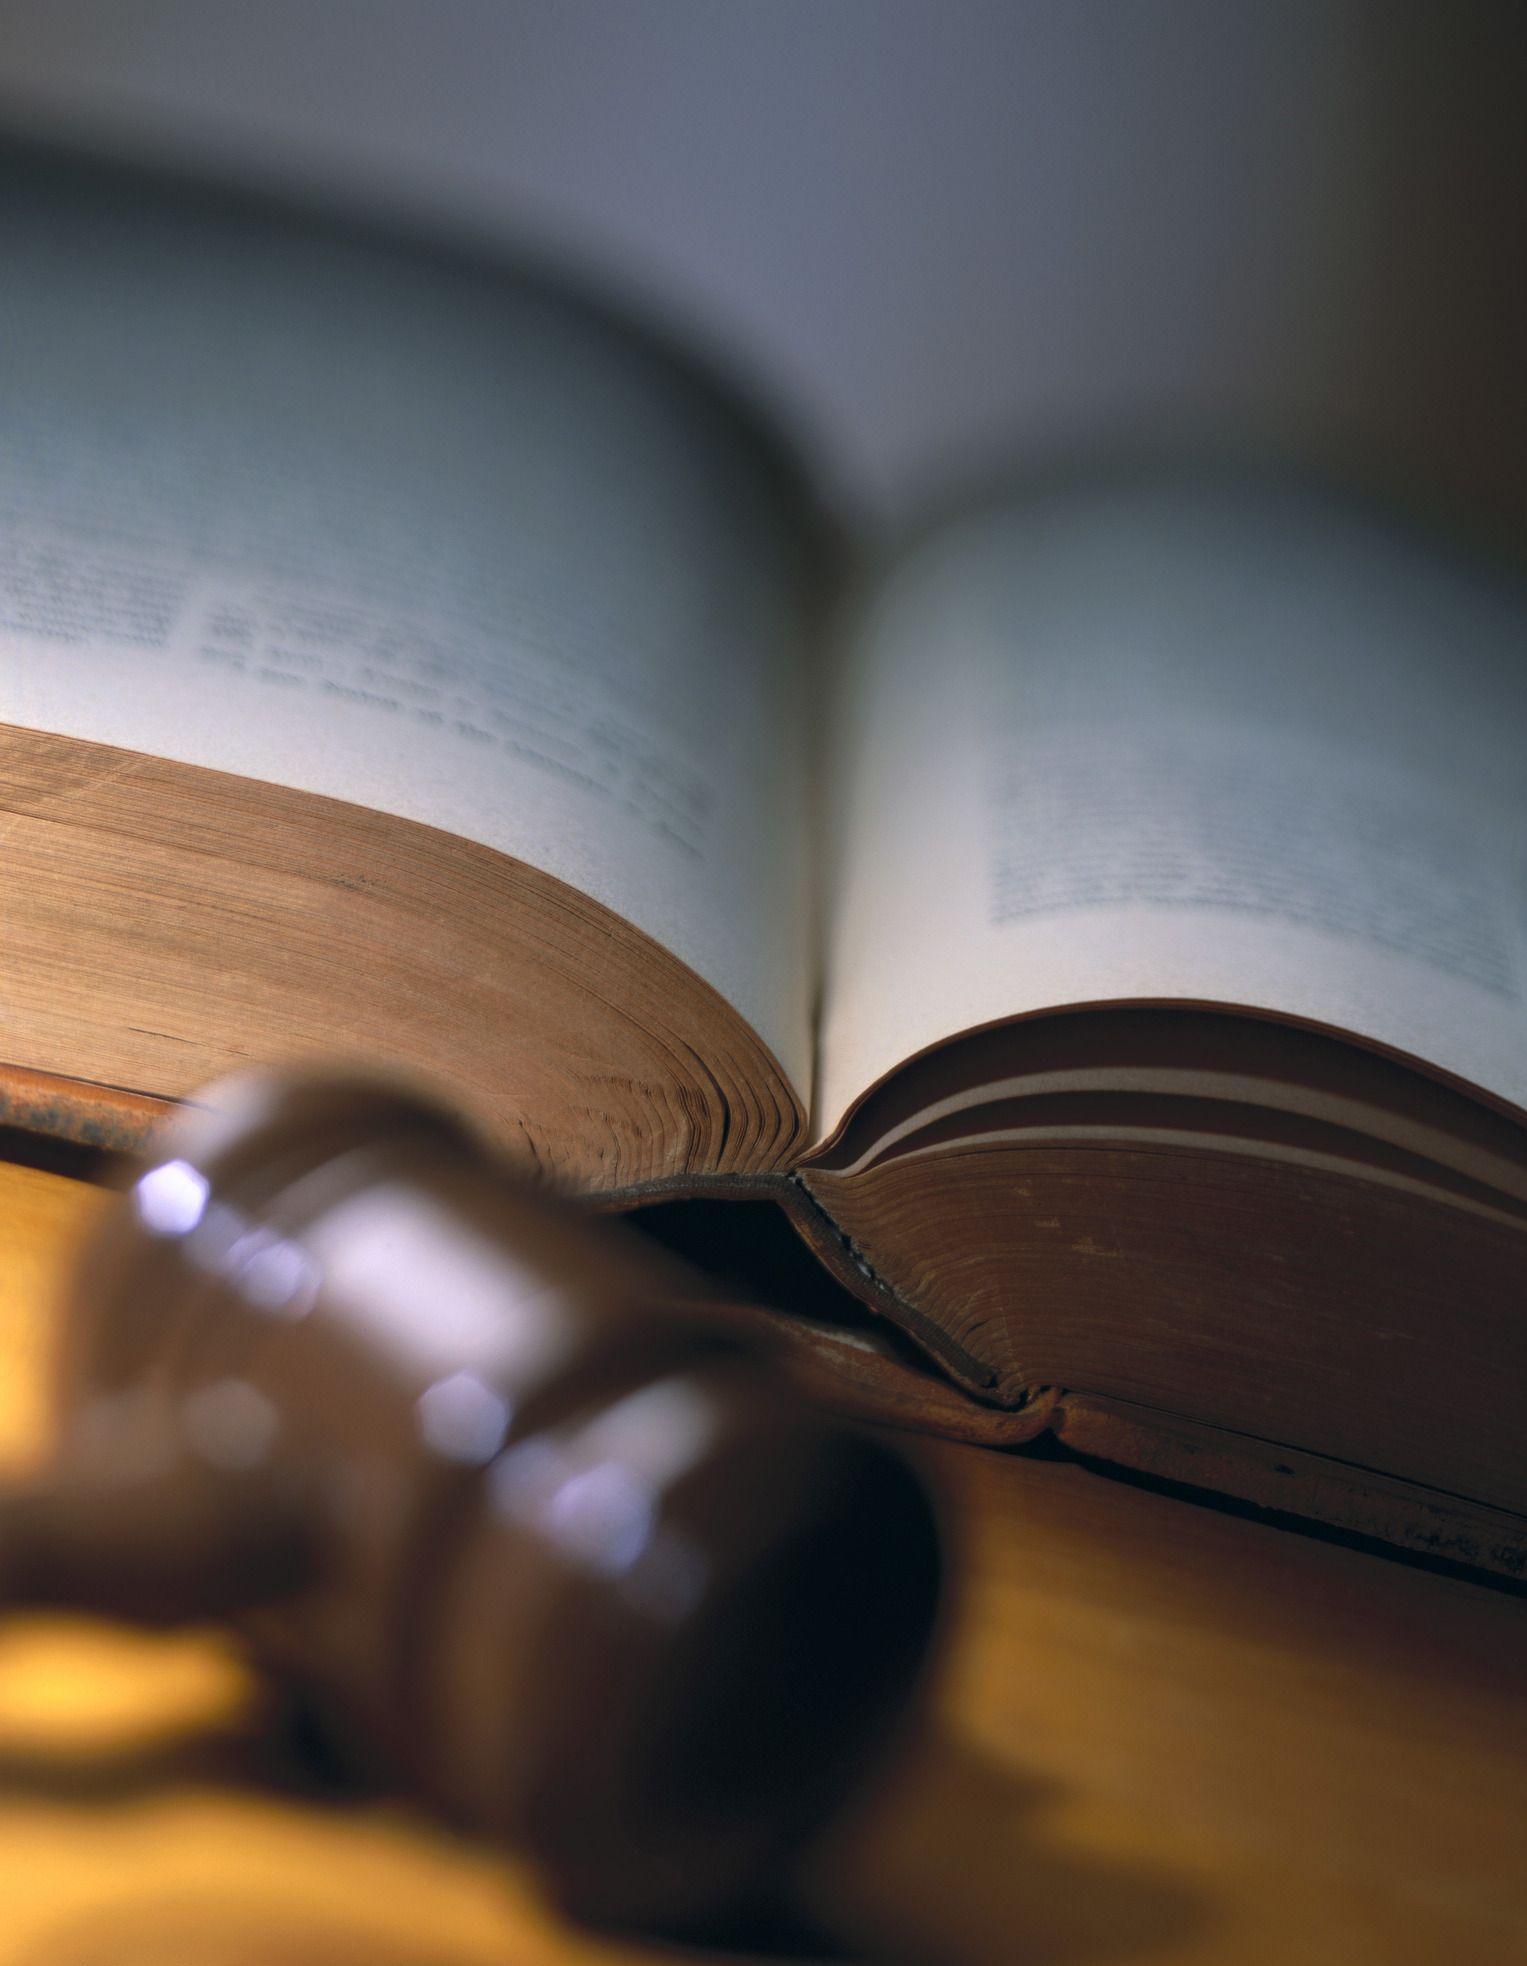 Klauzula przeciwko unikaniu opodatkowania. Rząd przyjął projekt